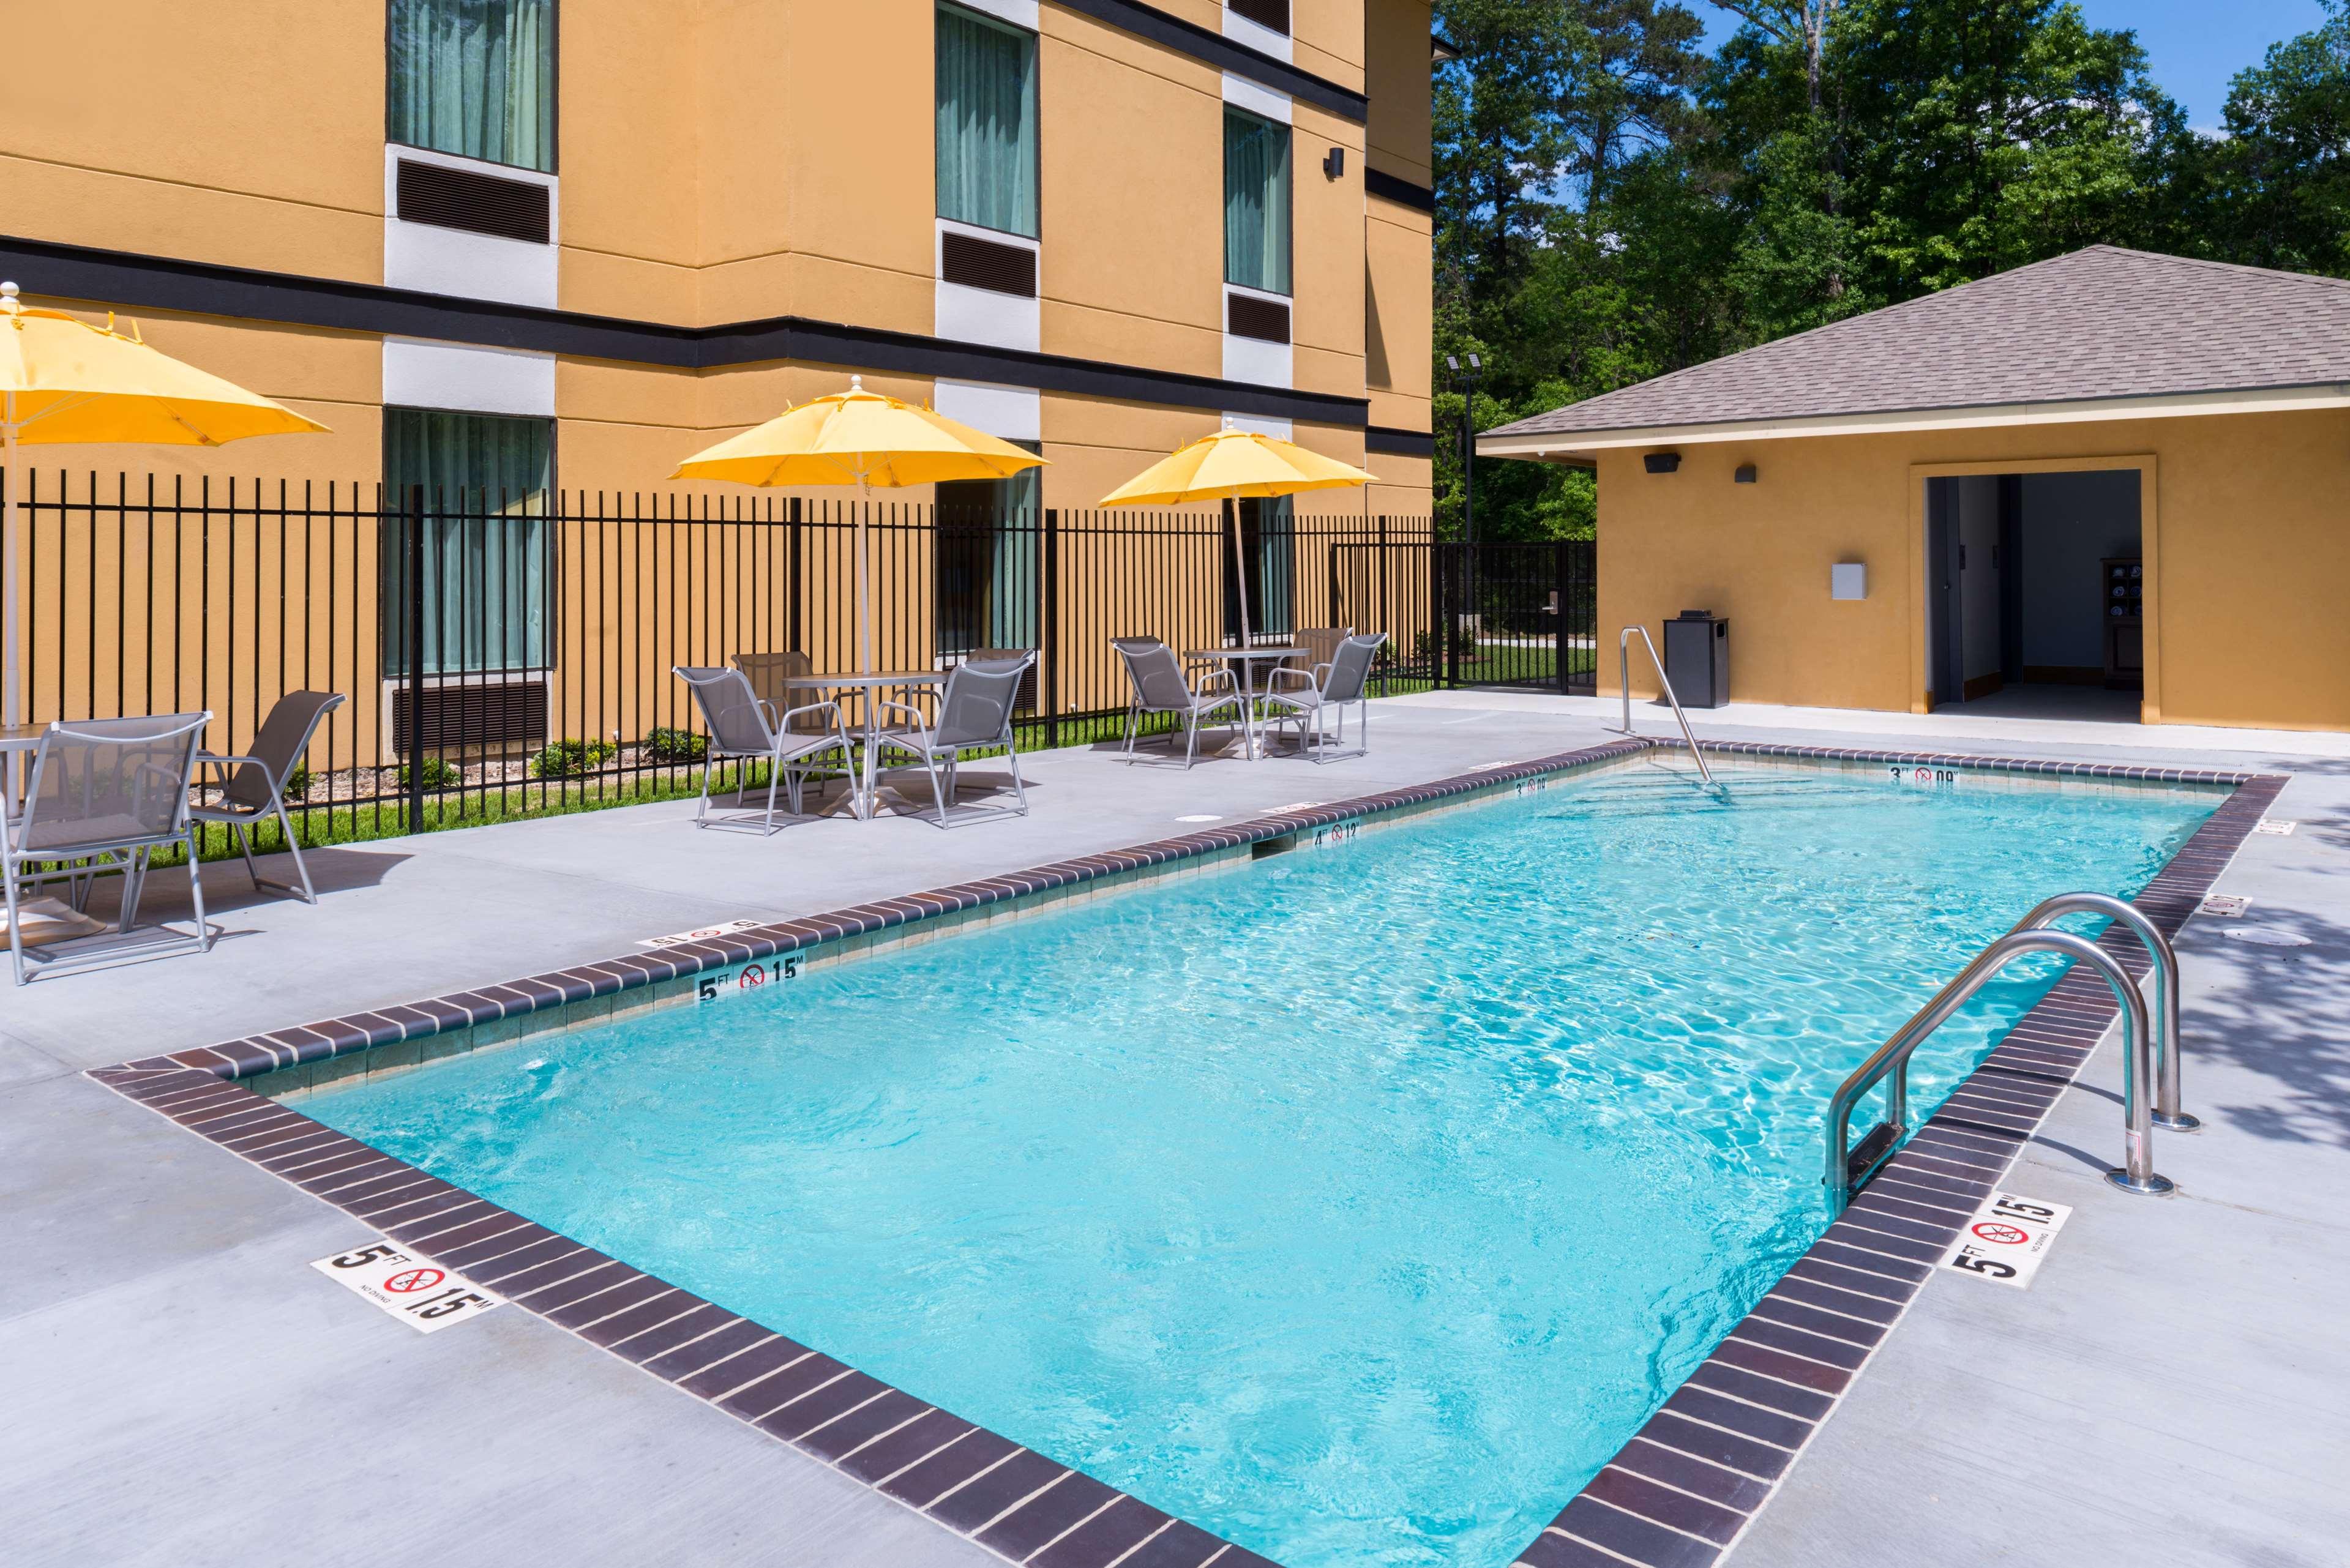 Best Western Plus Regency Park Hotel image 20